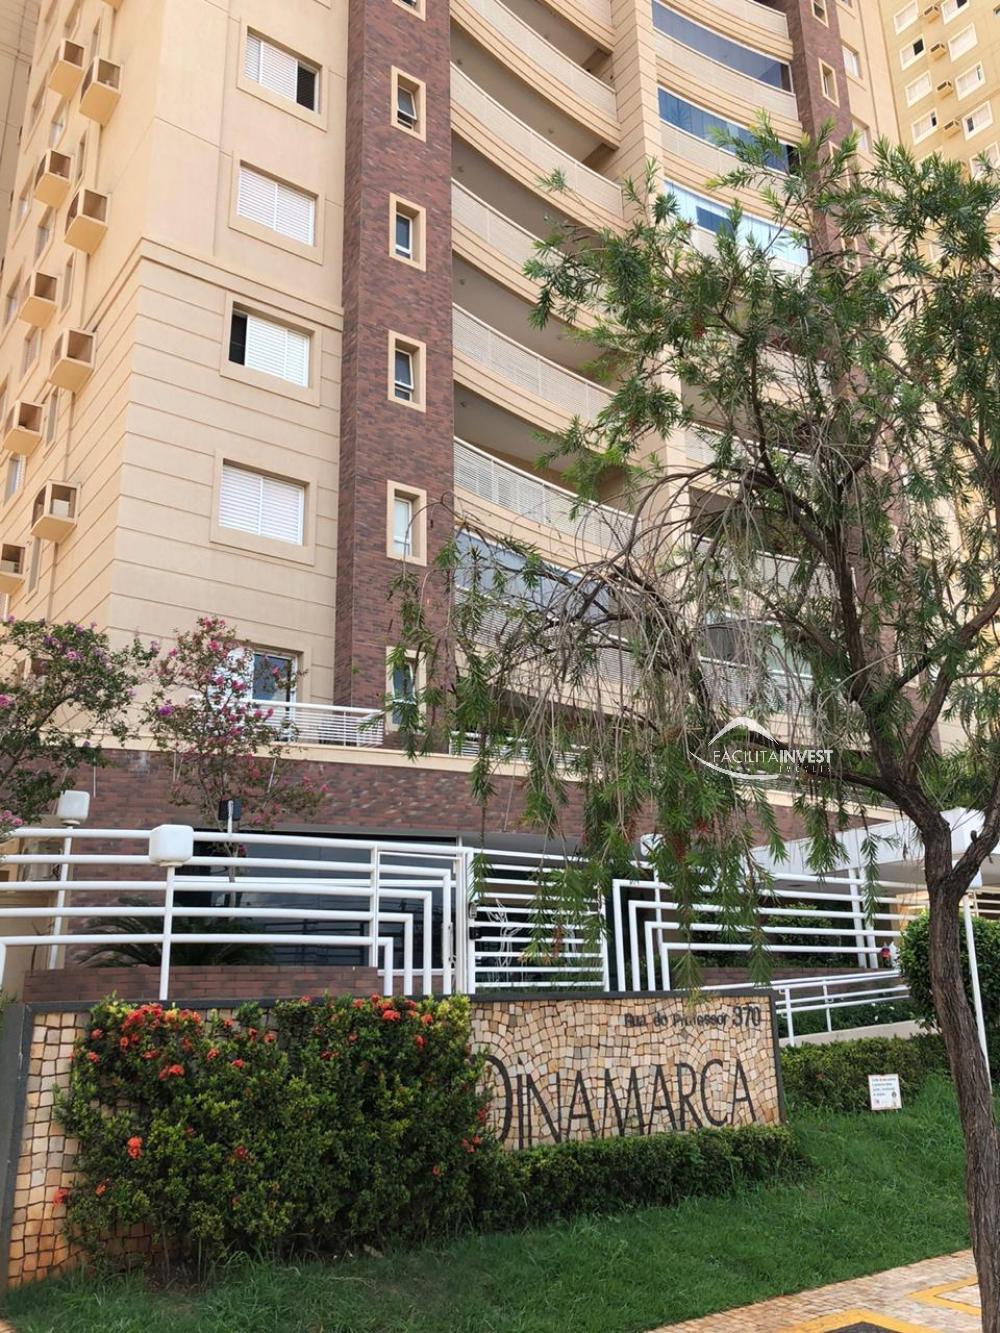 Alugar Apartamentos / Apart. Padrão em Ribeirão Preto apenas R$ 3.500,00 - Foto 26